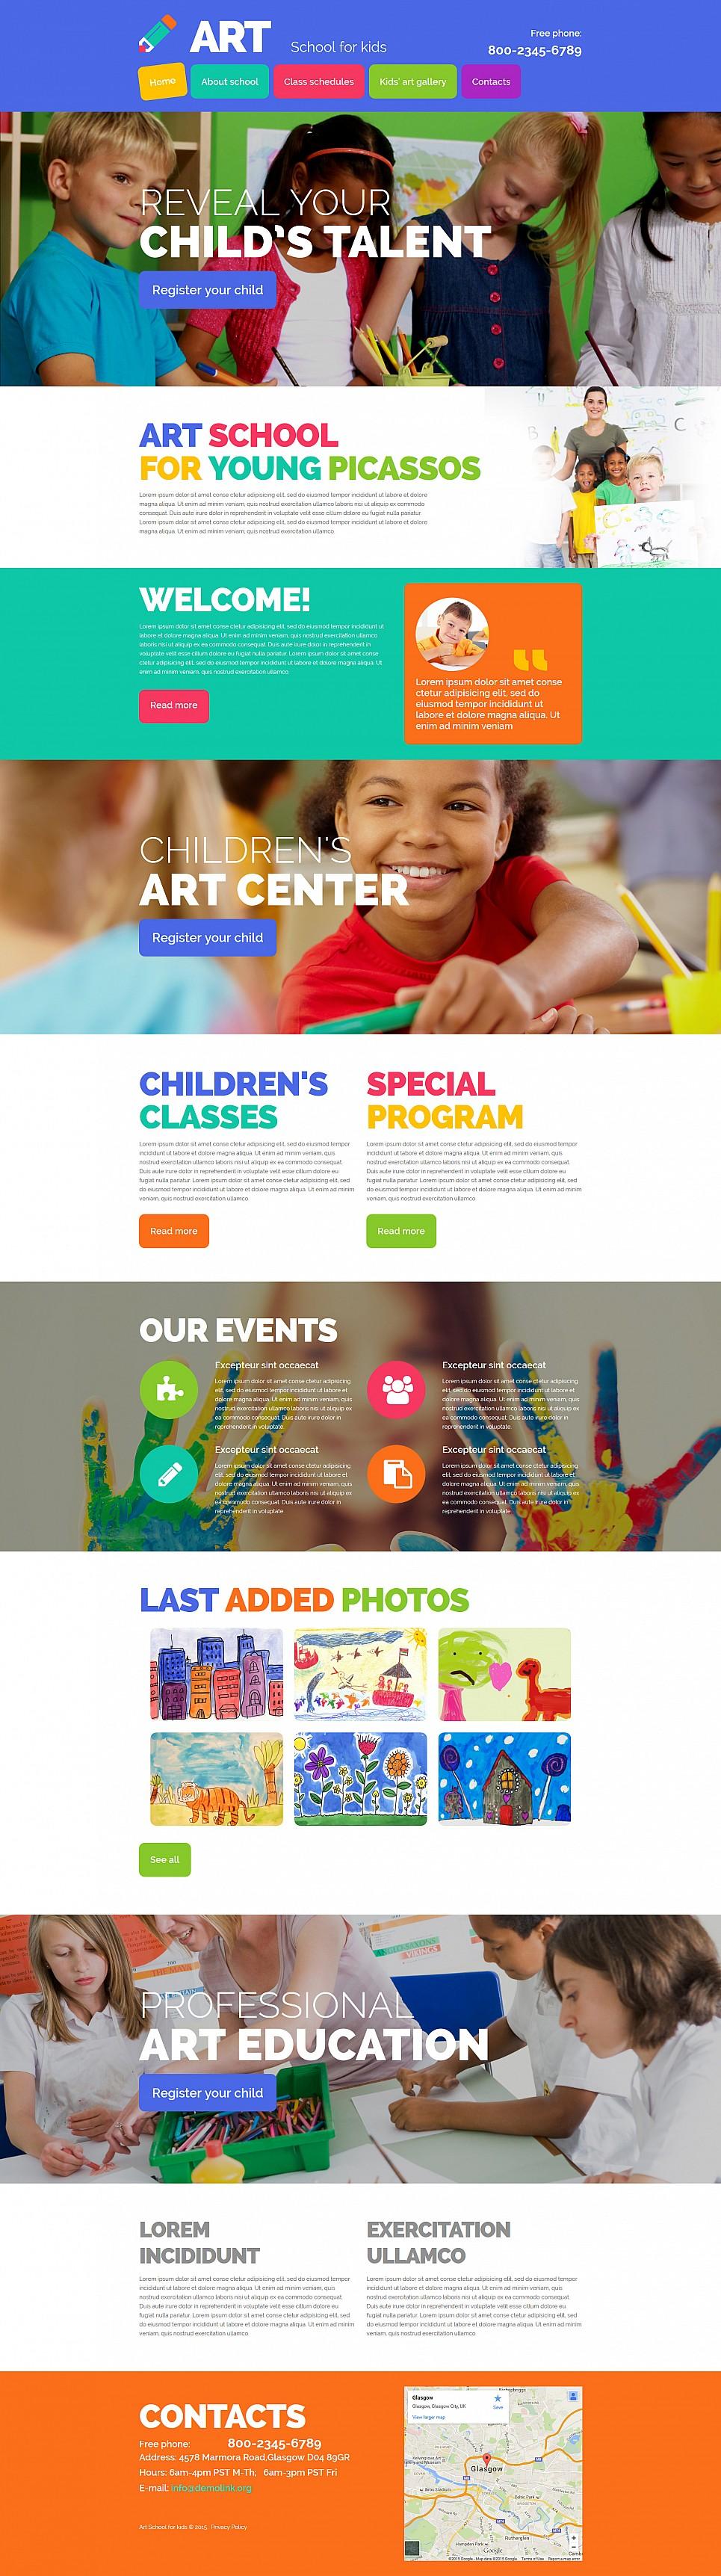 Plantilla de sitio web para una escuela de artes - image